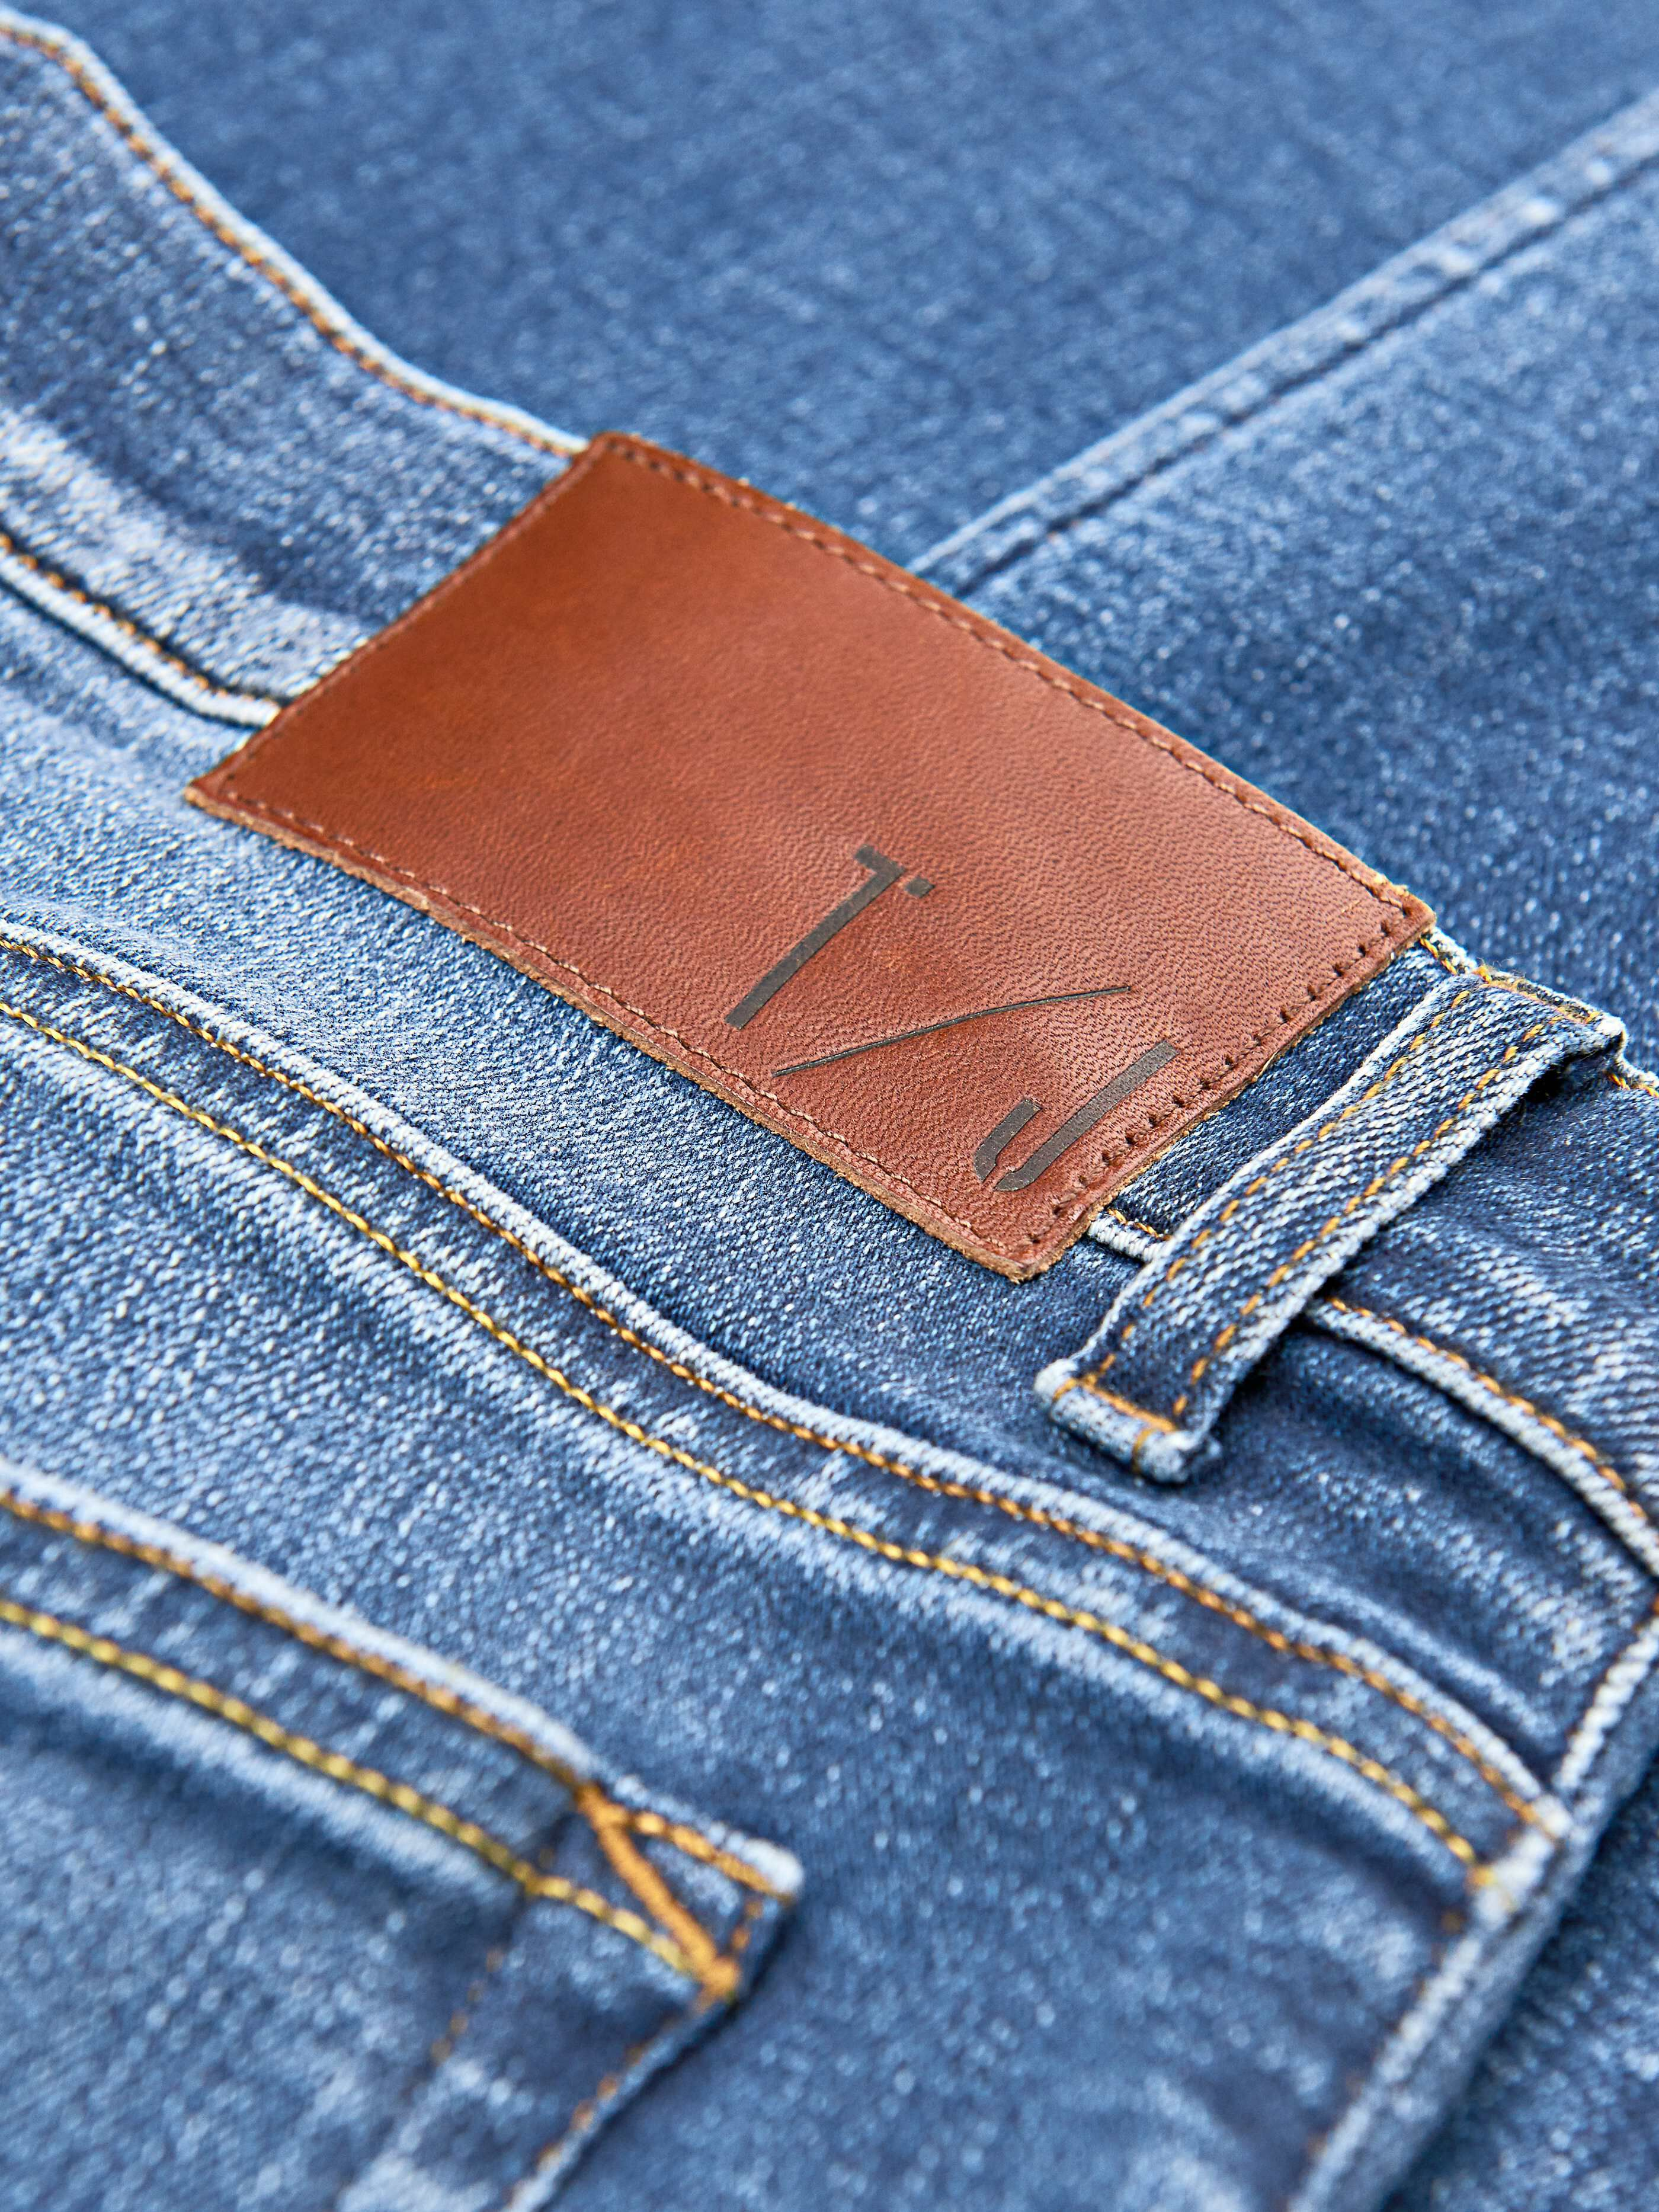 Tiger of Sweden Mens Regular Fit Slim Tapered Mid Rise Denim Jeans Size XL Grey